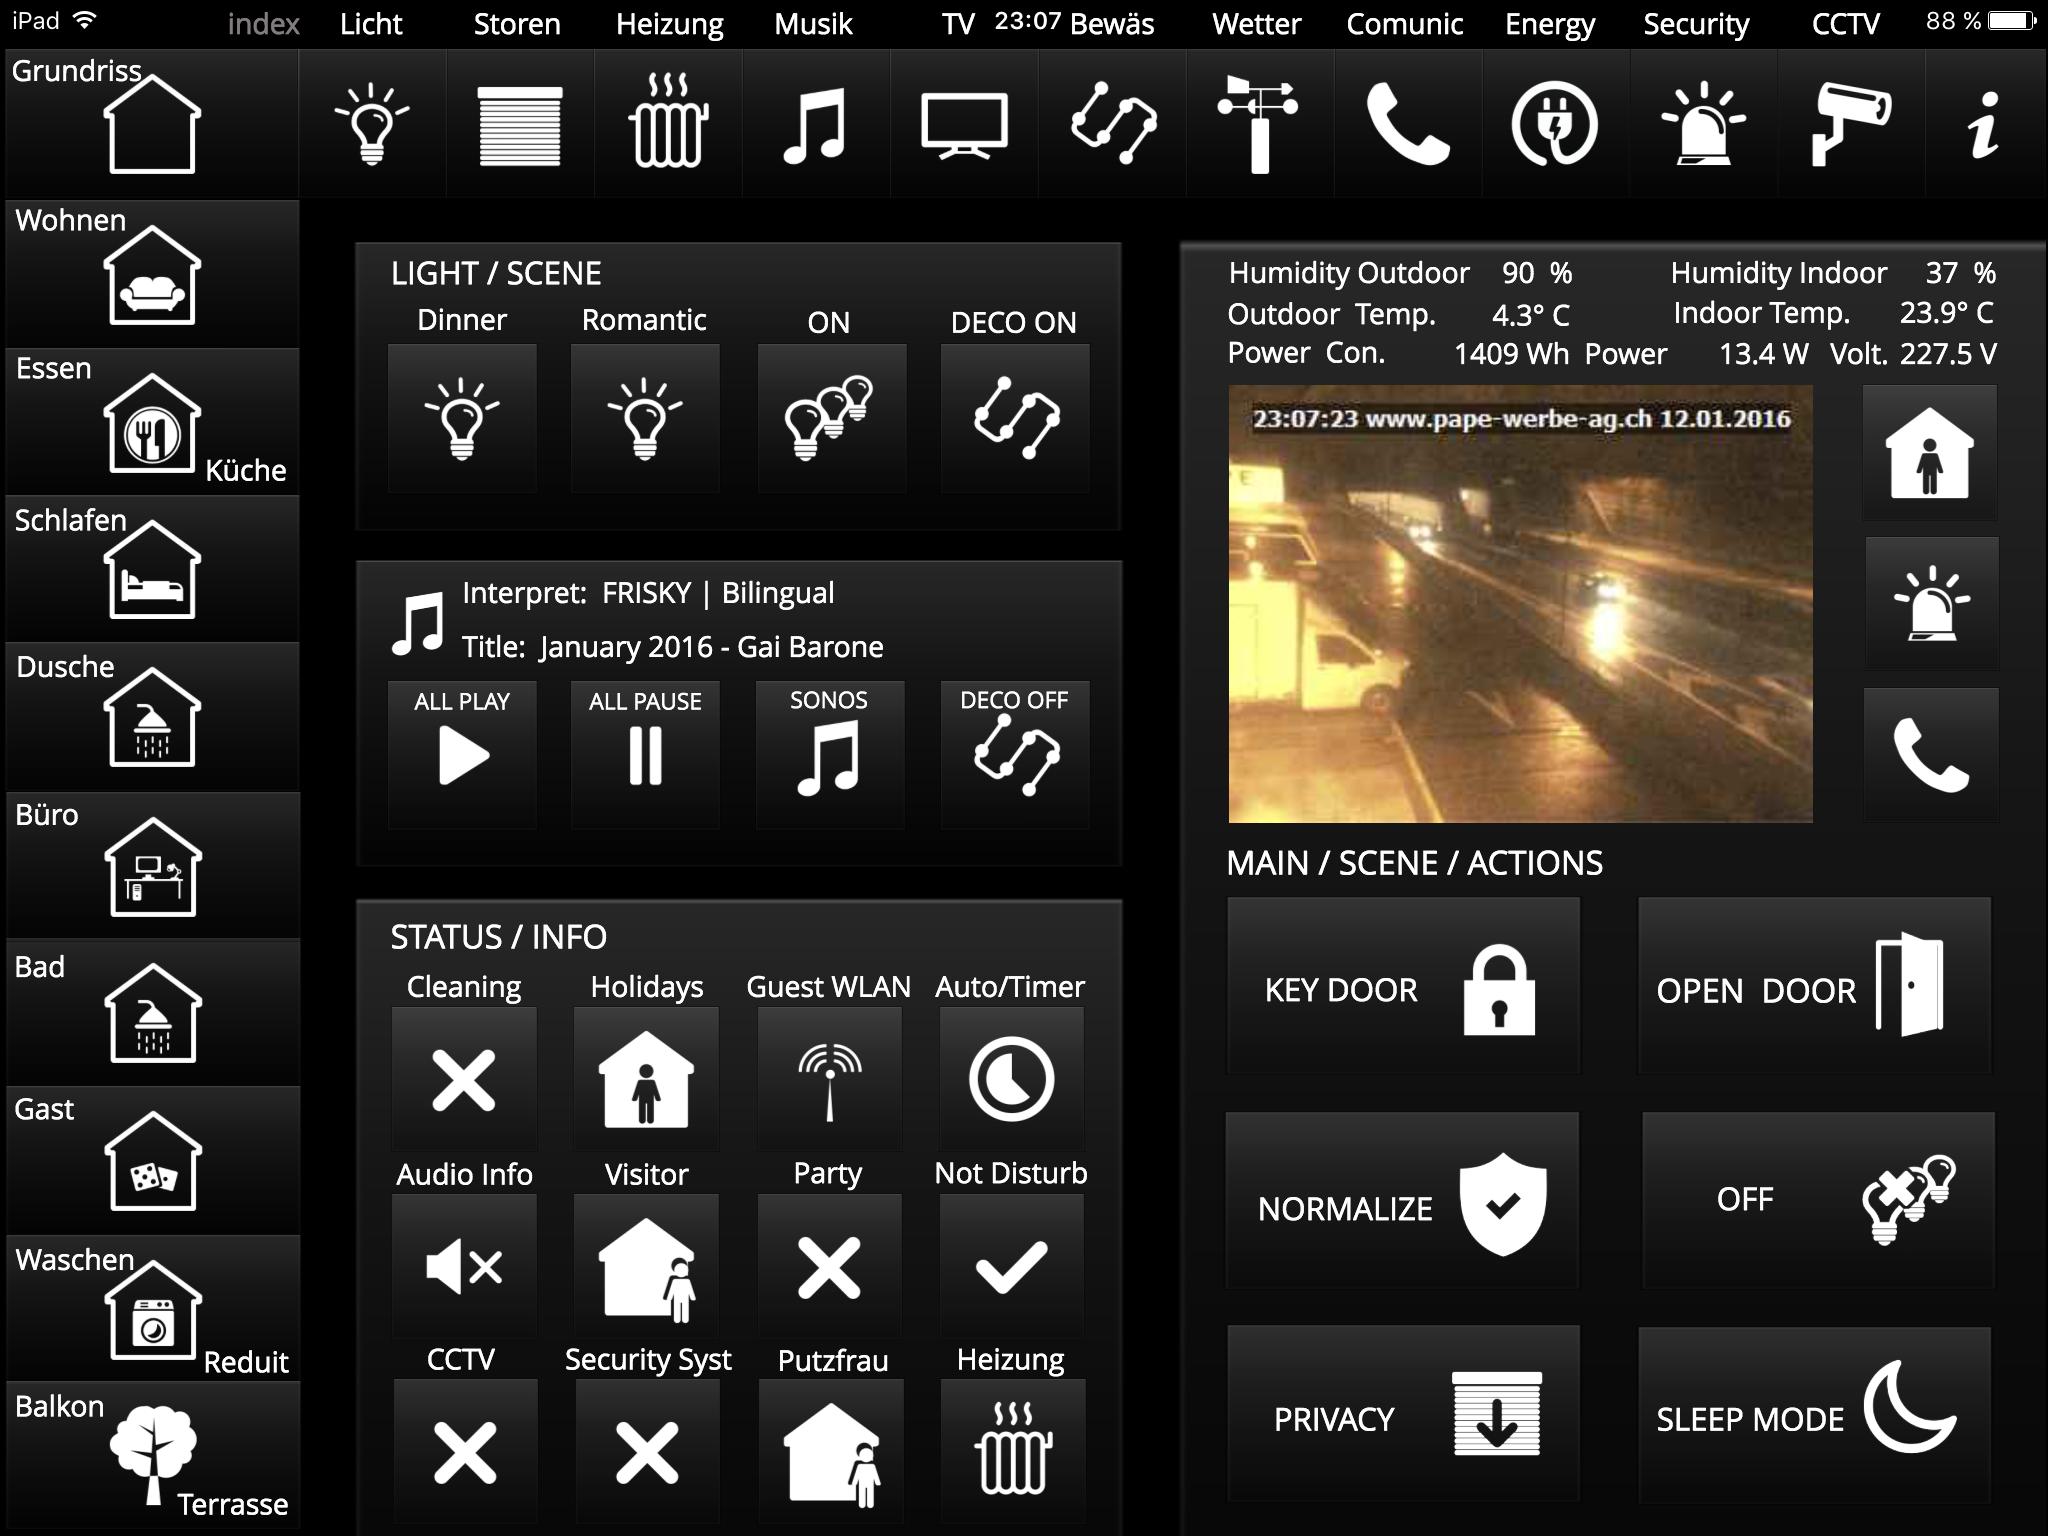 Toole Ergebnisse Mit Neo Neo In 2020 Hausautomation Datenvisualisierung Haus Projekte